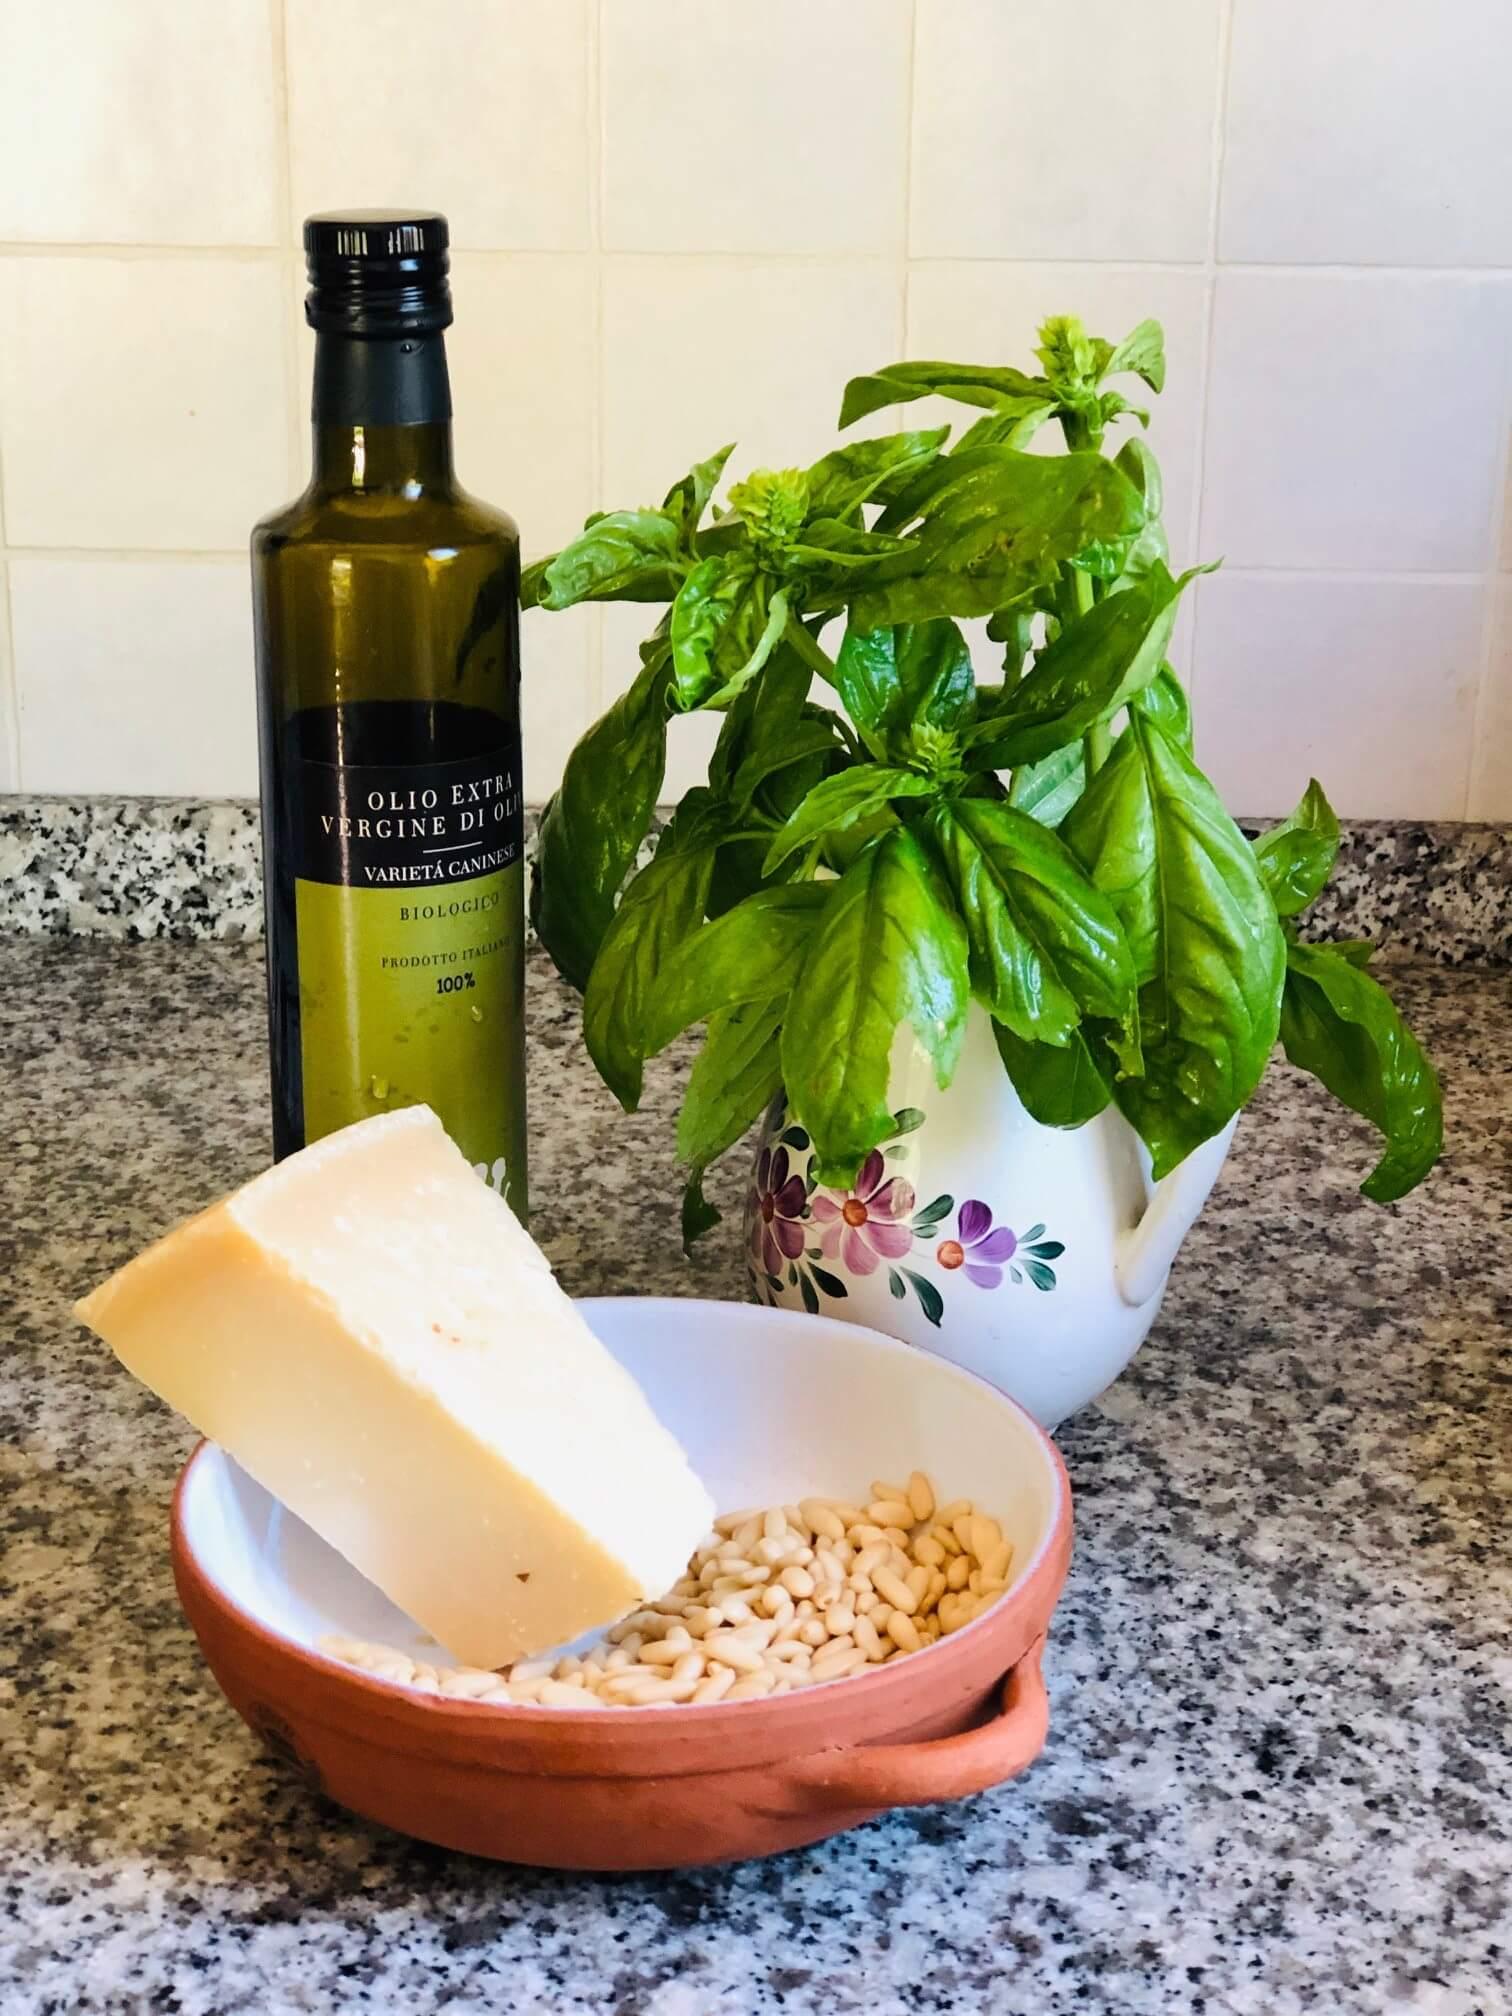 Har du basilikumplanter som har vokst seg store i løpet av sommeren som du ikke får brukt opp? Om du ikke har laget det før, gled deg! Her kommer en oppskrift på pesto og forslag til passende viner.